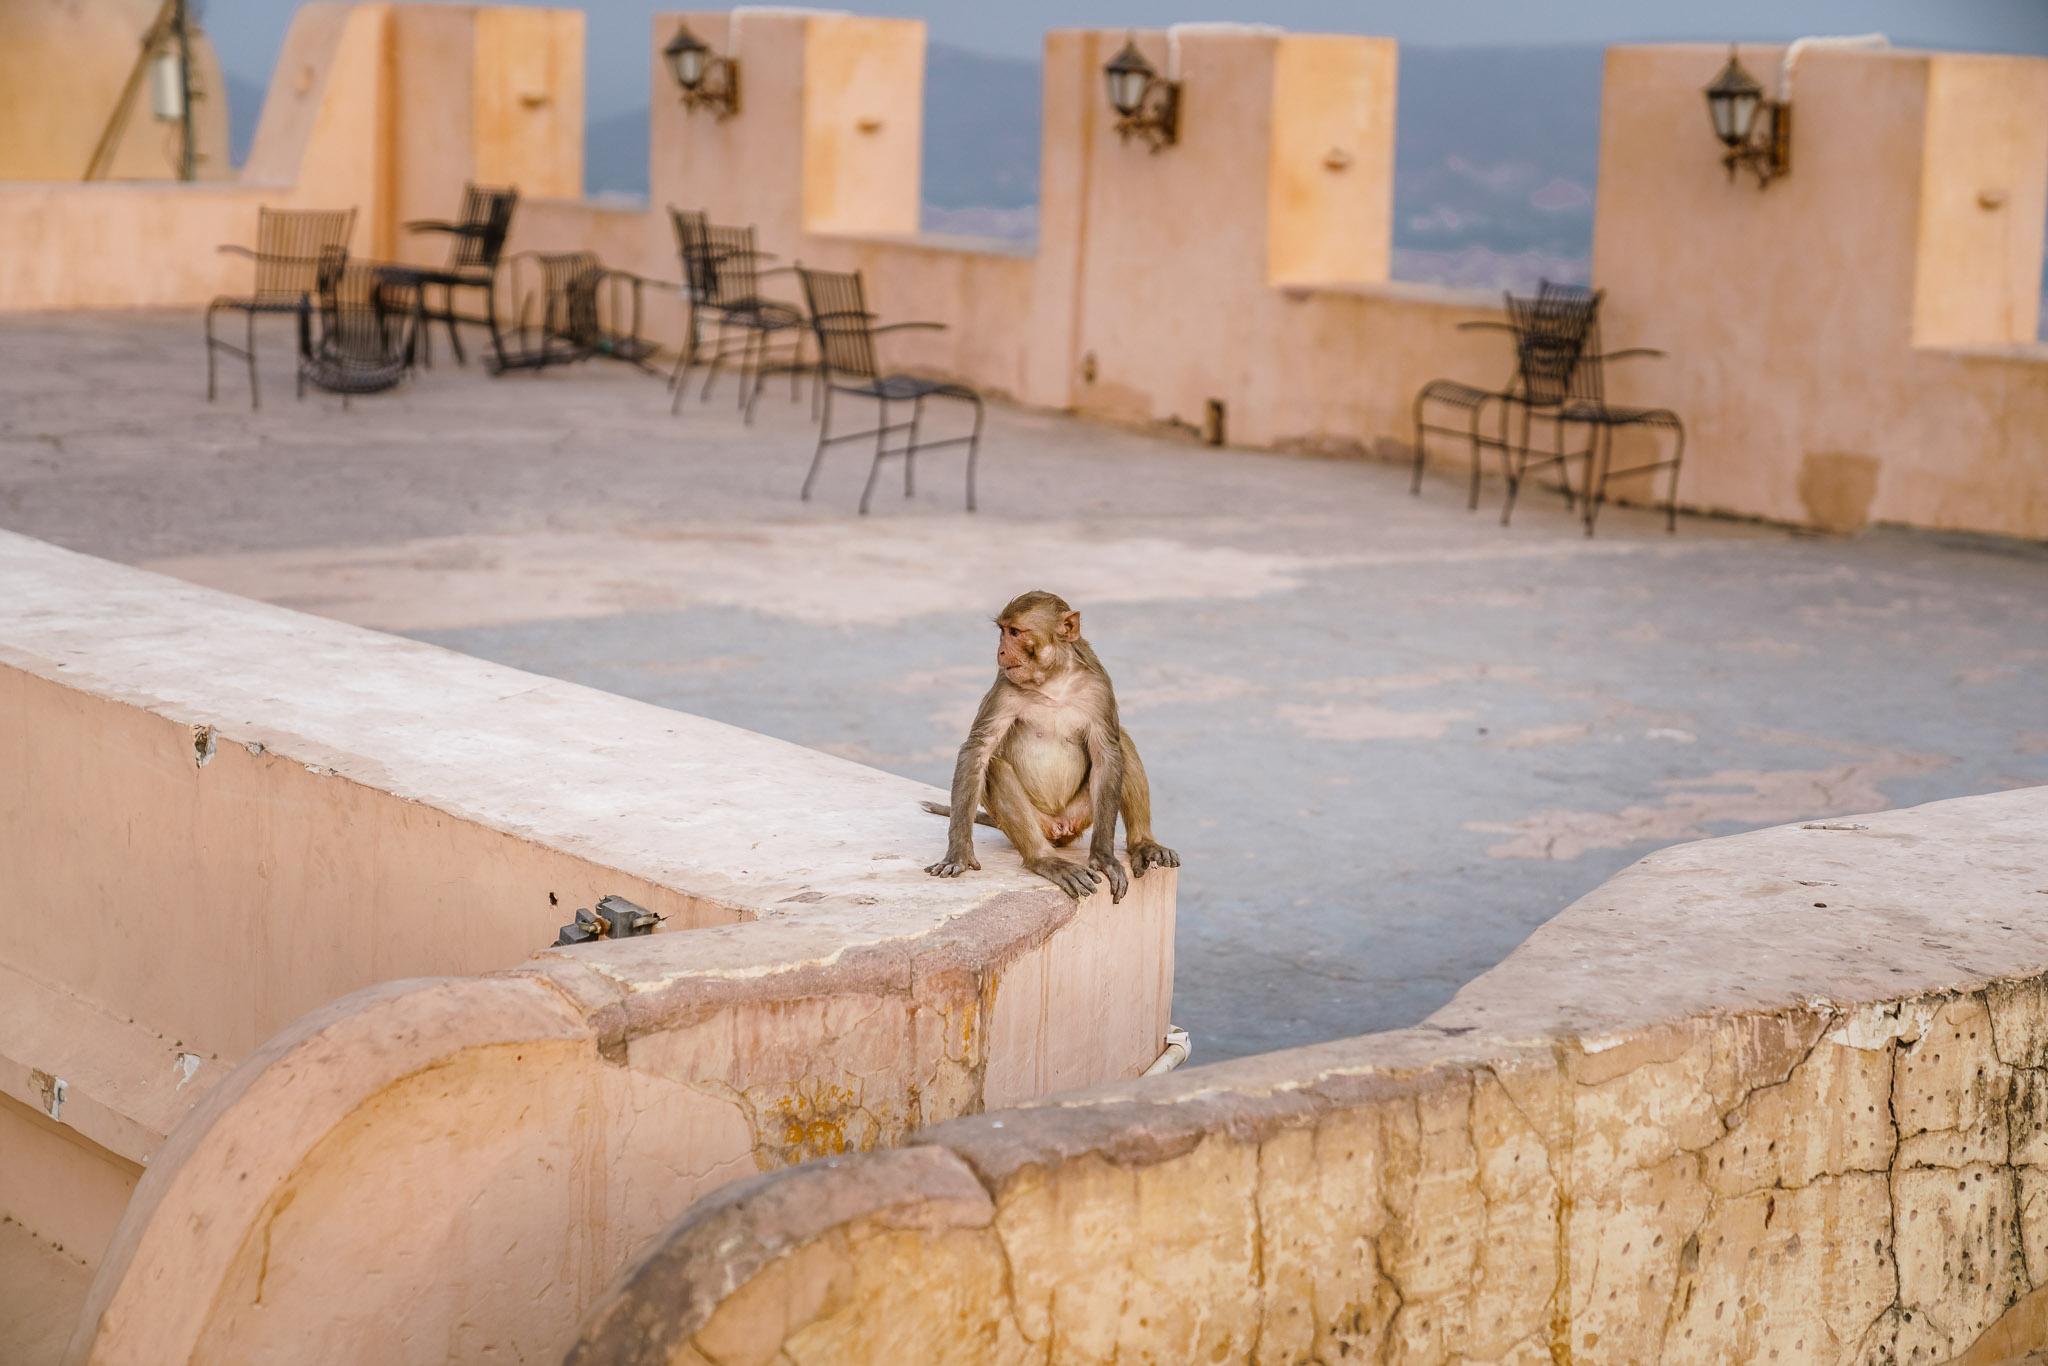 India-jaipur-monkey-3.jpg